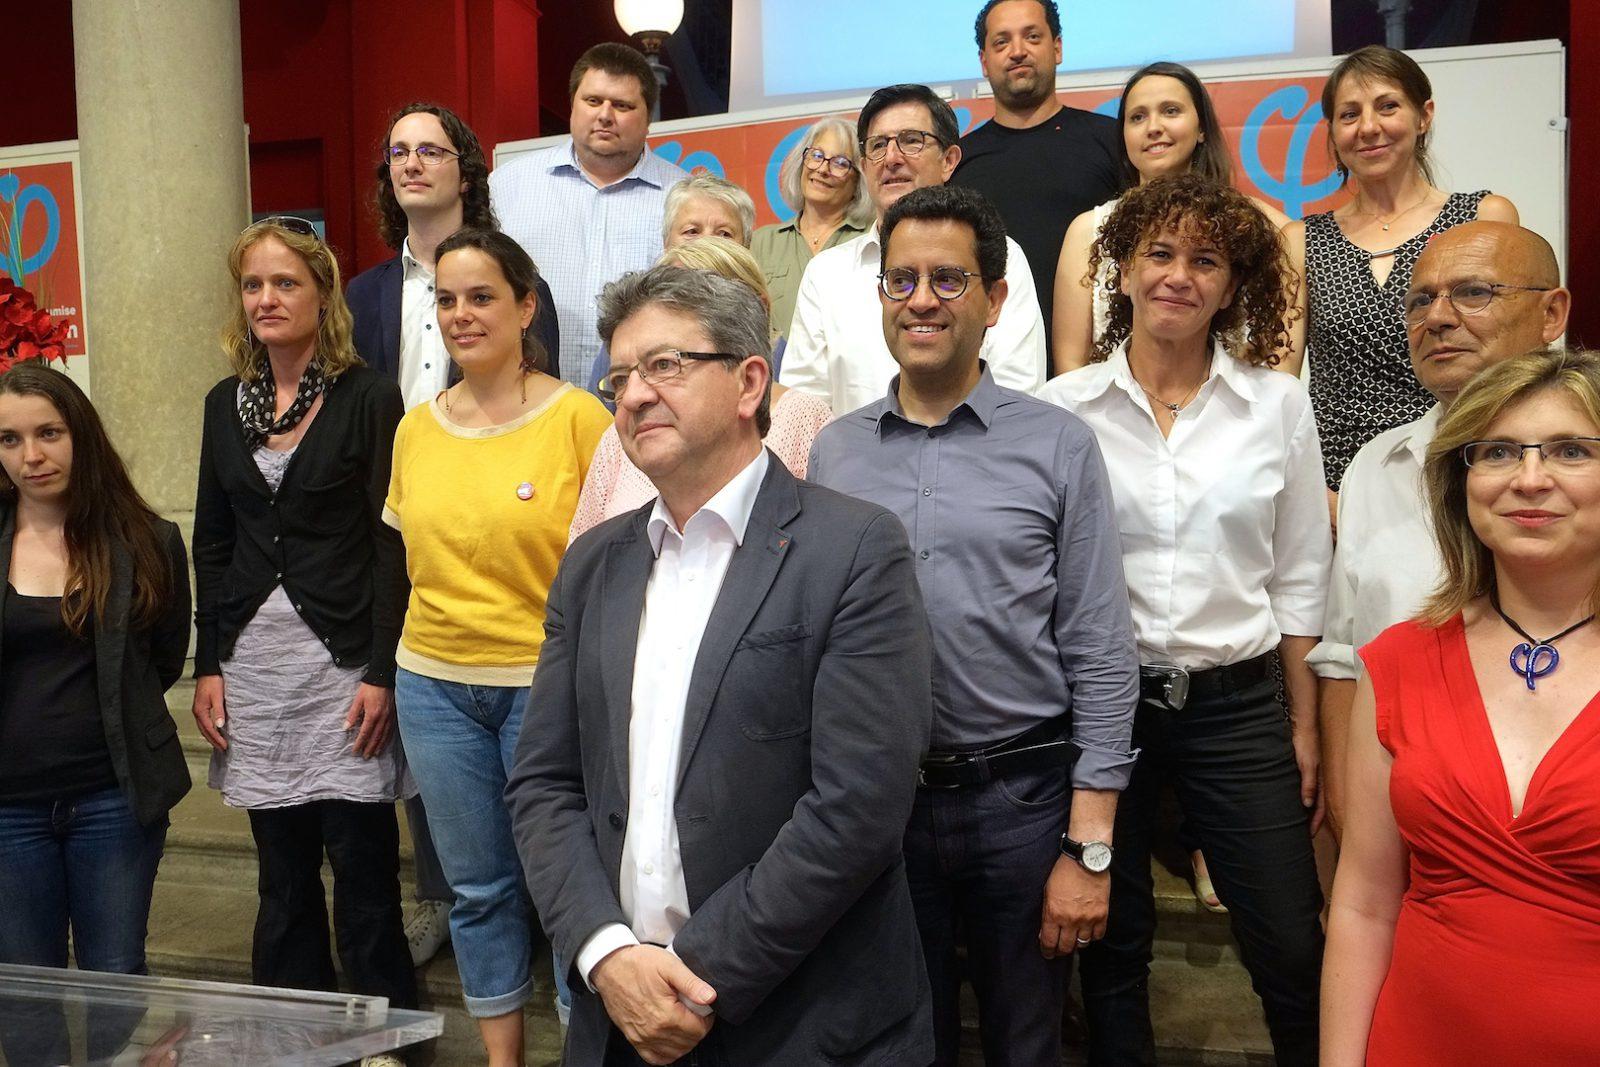 Jean-Luc Mélenchon et plusieurs des candidats de la France insoumise aux législatives en Bourgogne et Franche-Comté.